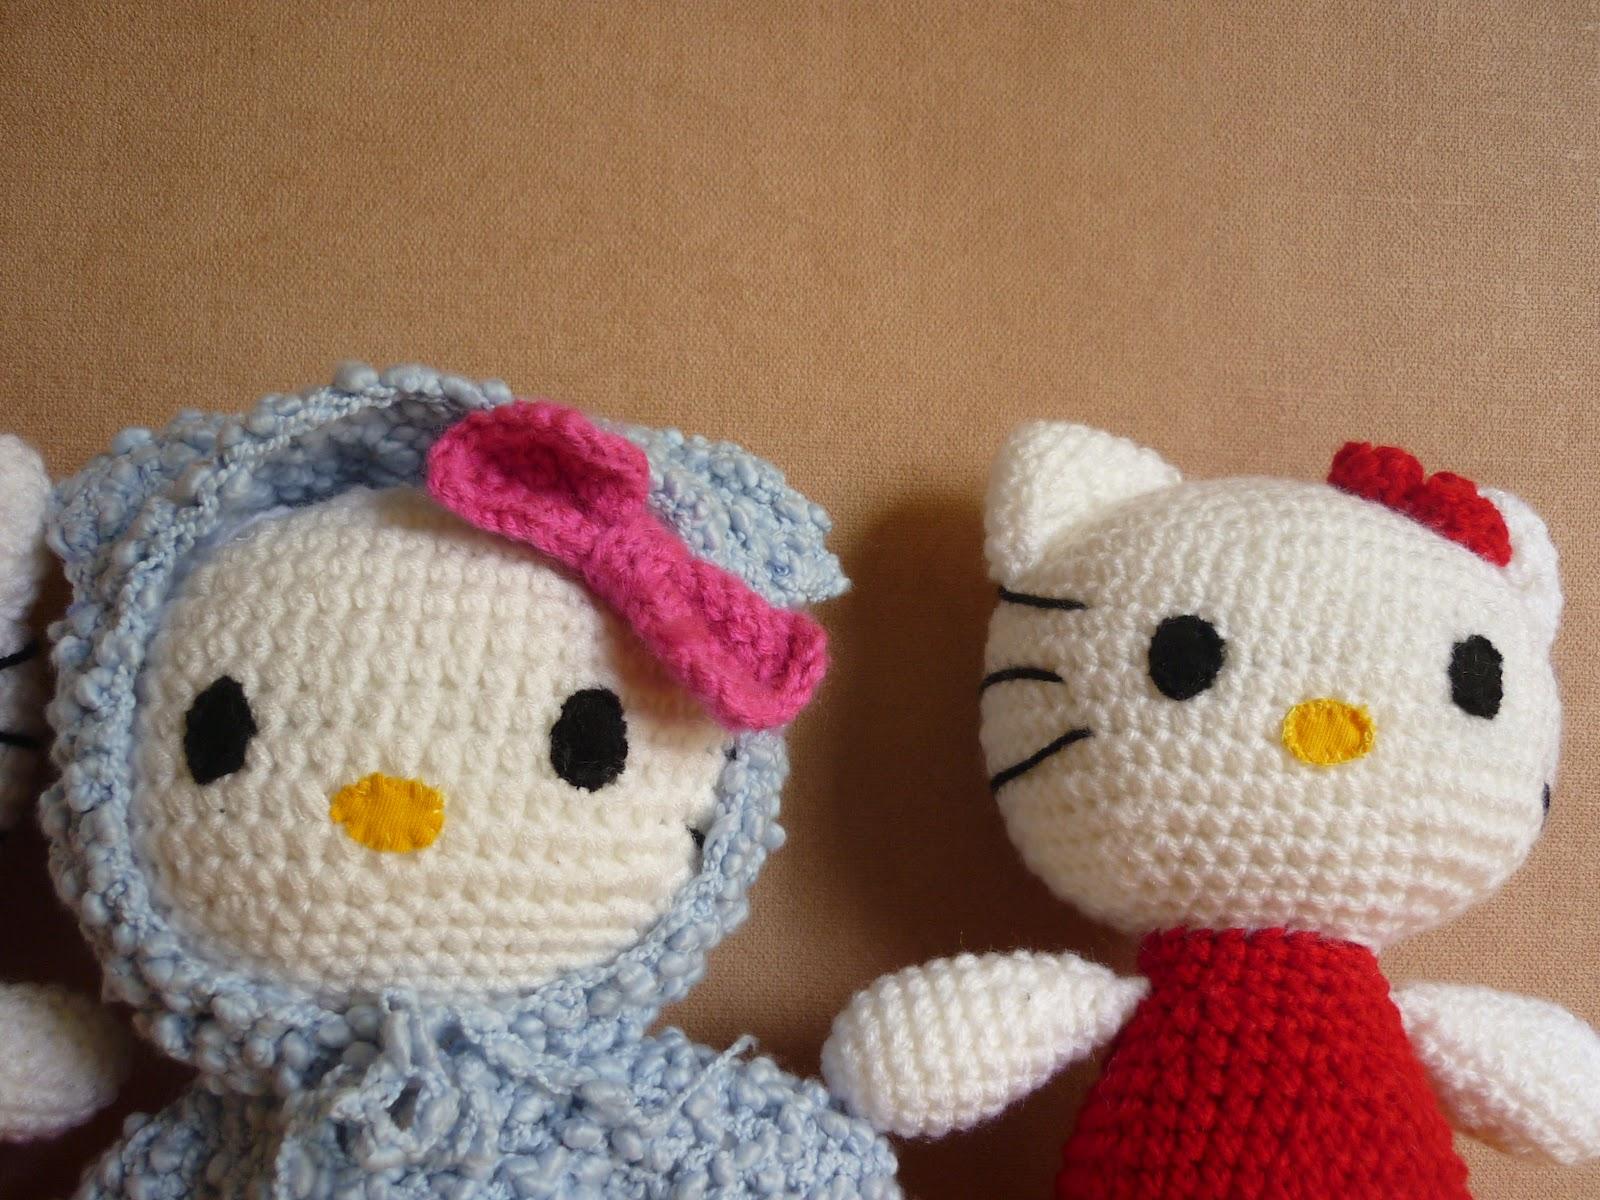 Tejiendo Suenos: Hello Kitty Amigurumi